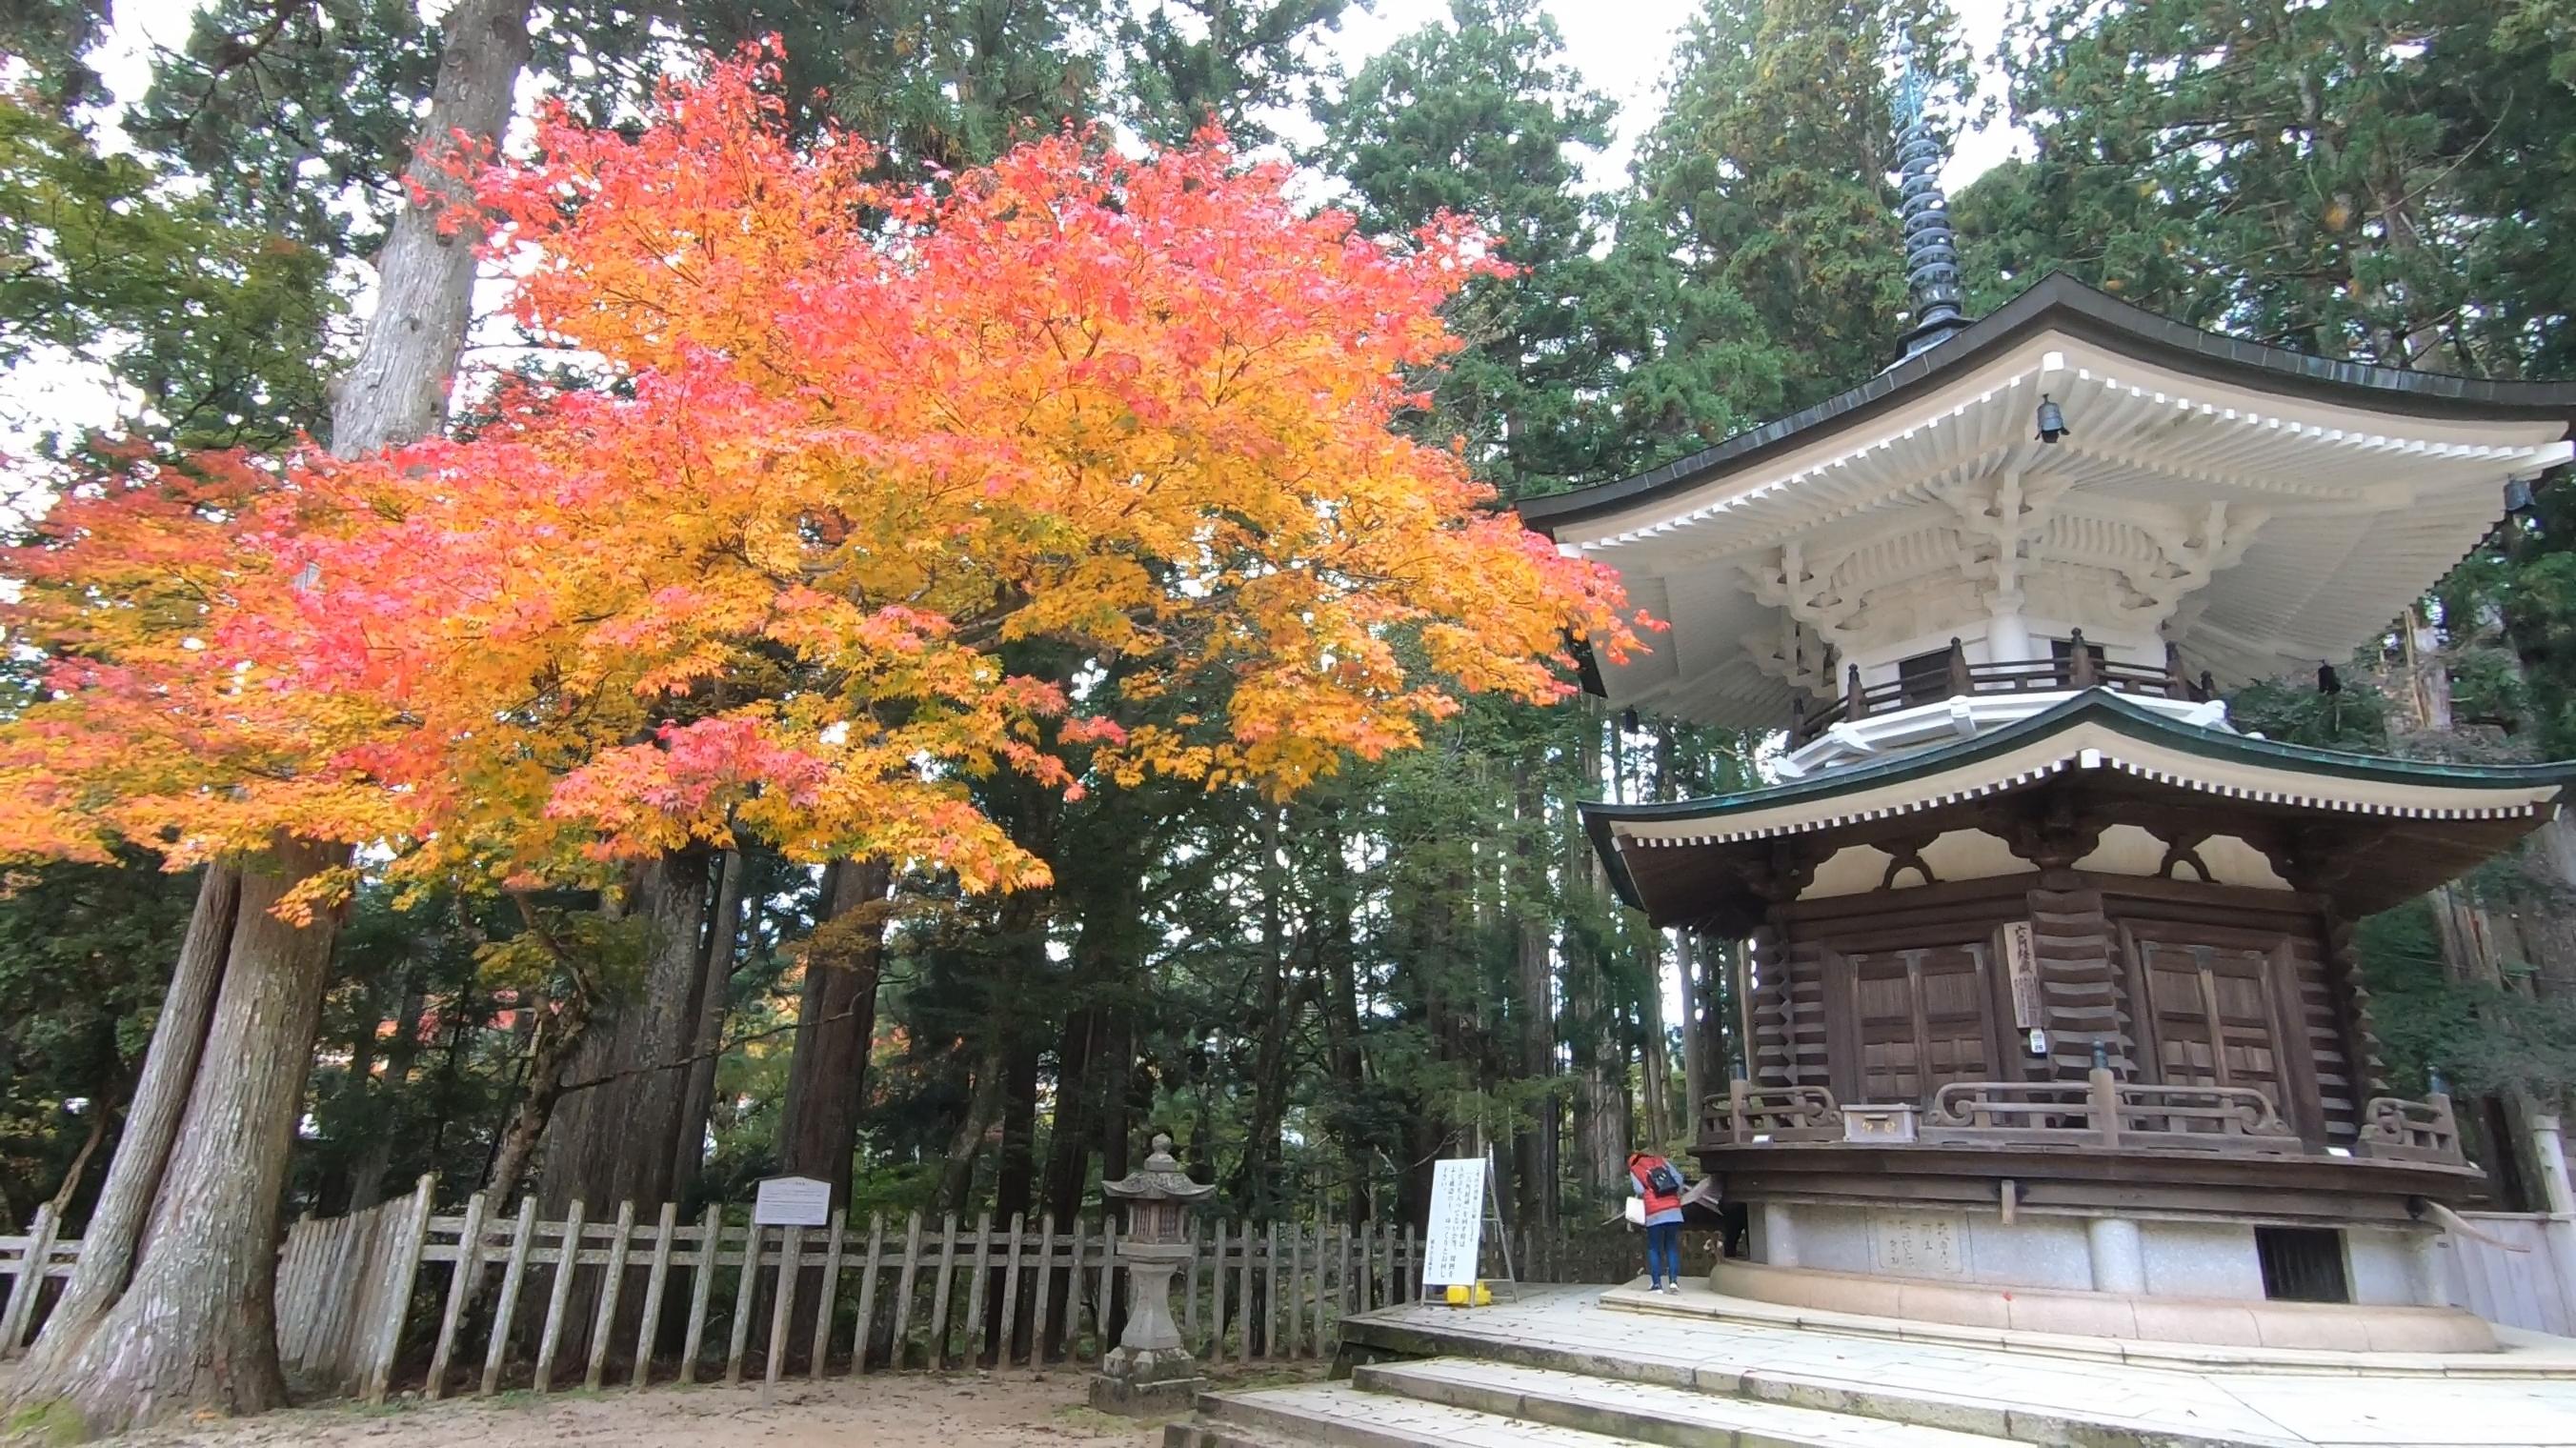 GH011845 関西でいち早く紅葉に染まる高野山へカメラ旅!